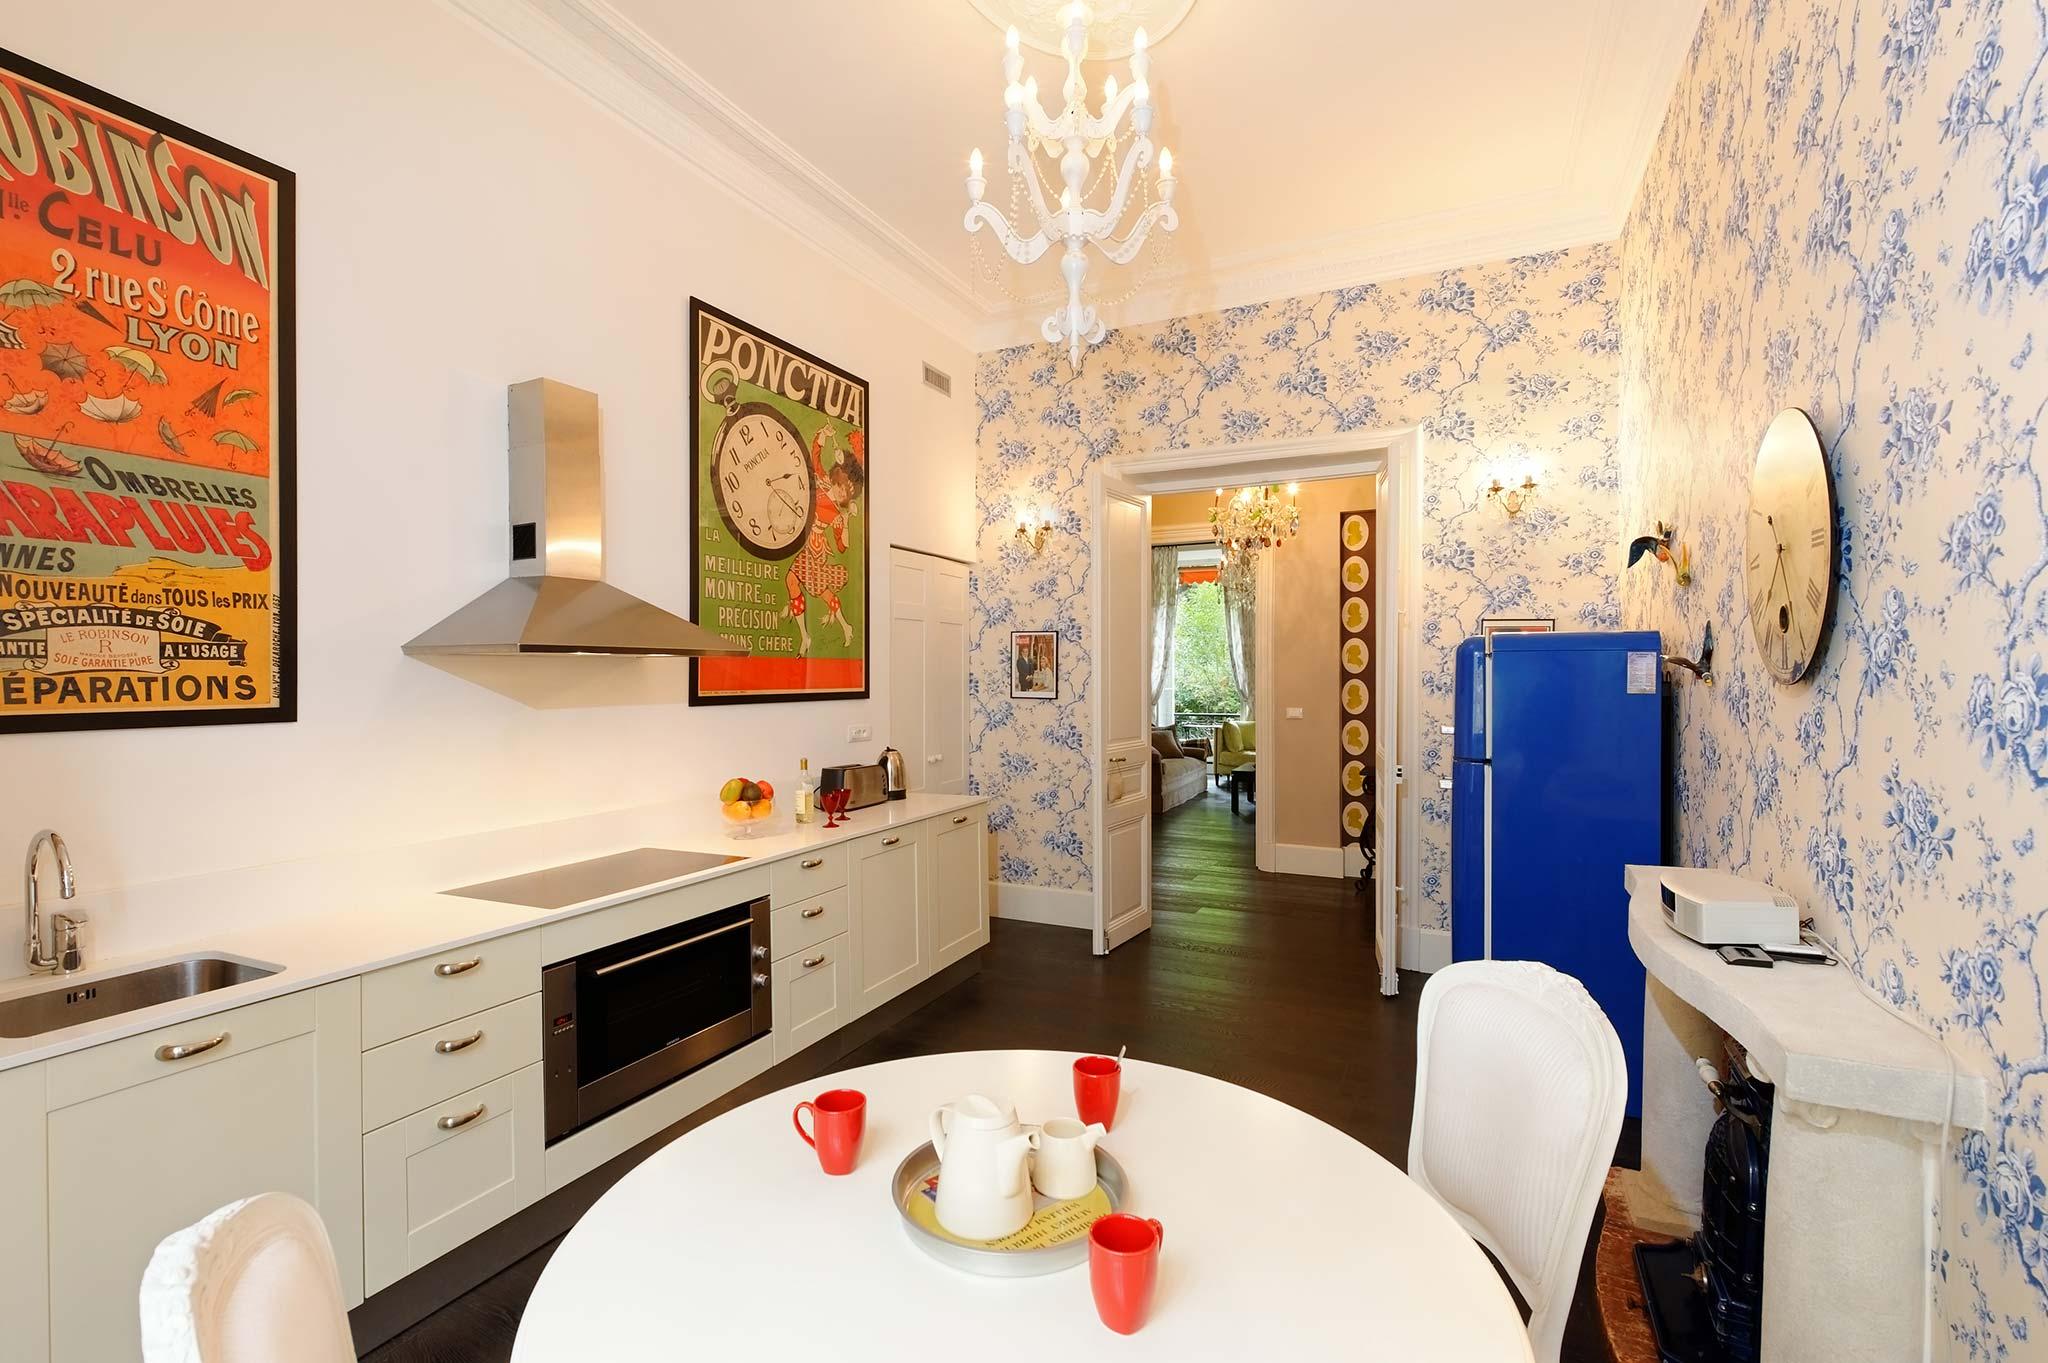 nice apartment design